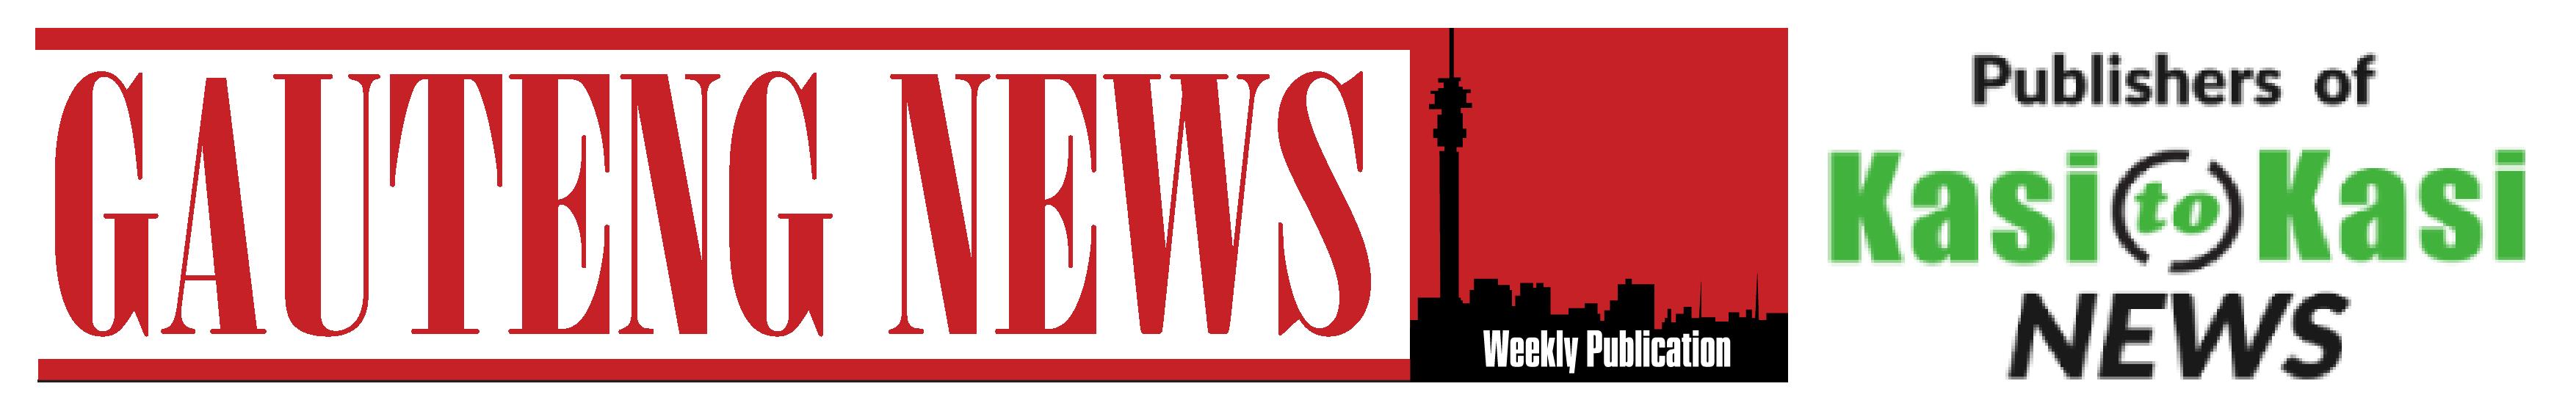 Gauteng News